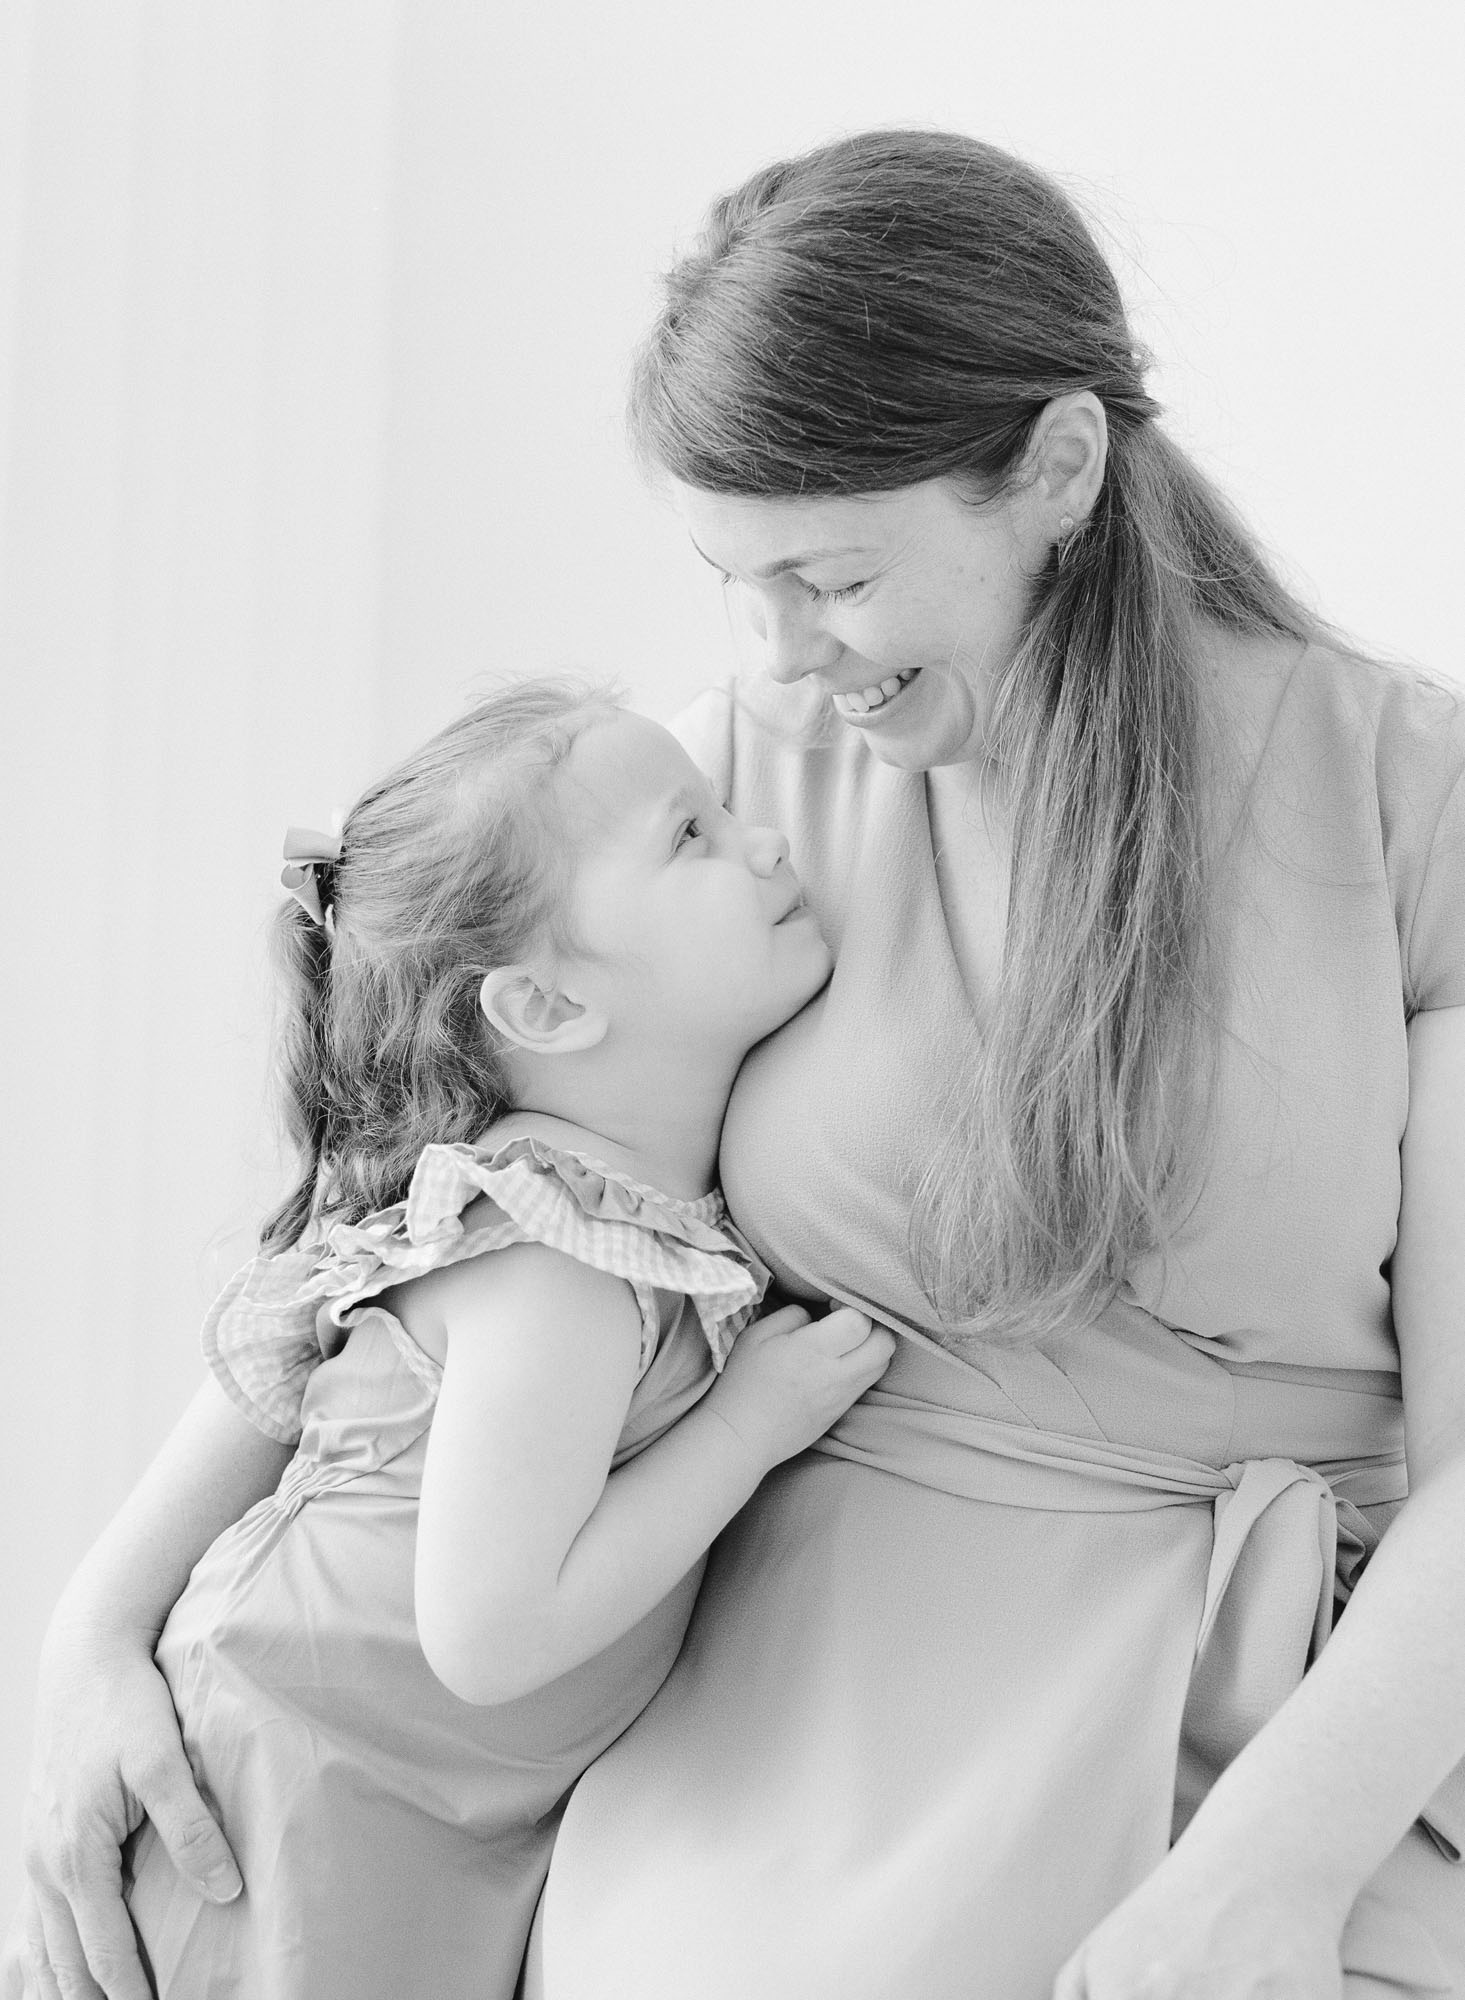 family-photographer-raleigh-nc-motherhood-portraits-006